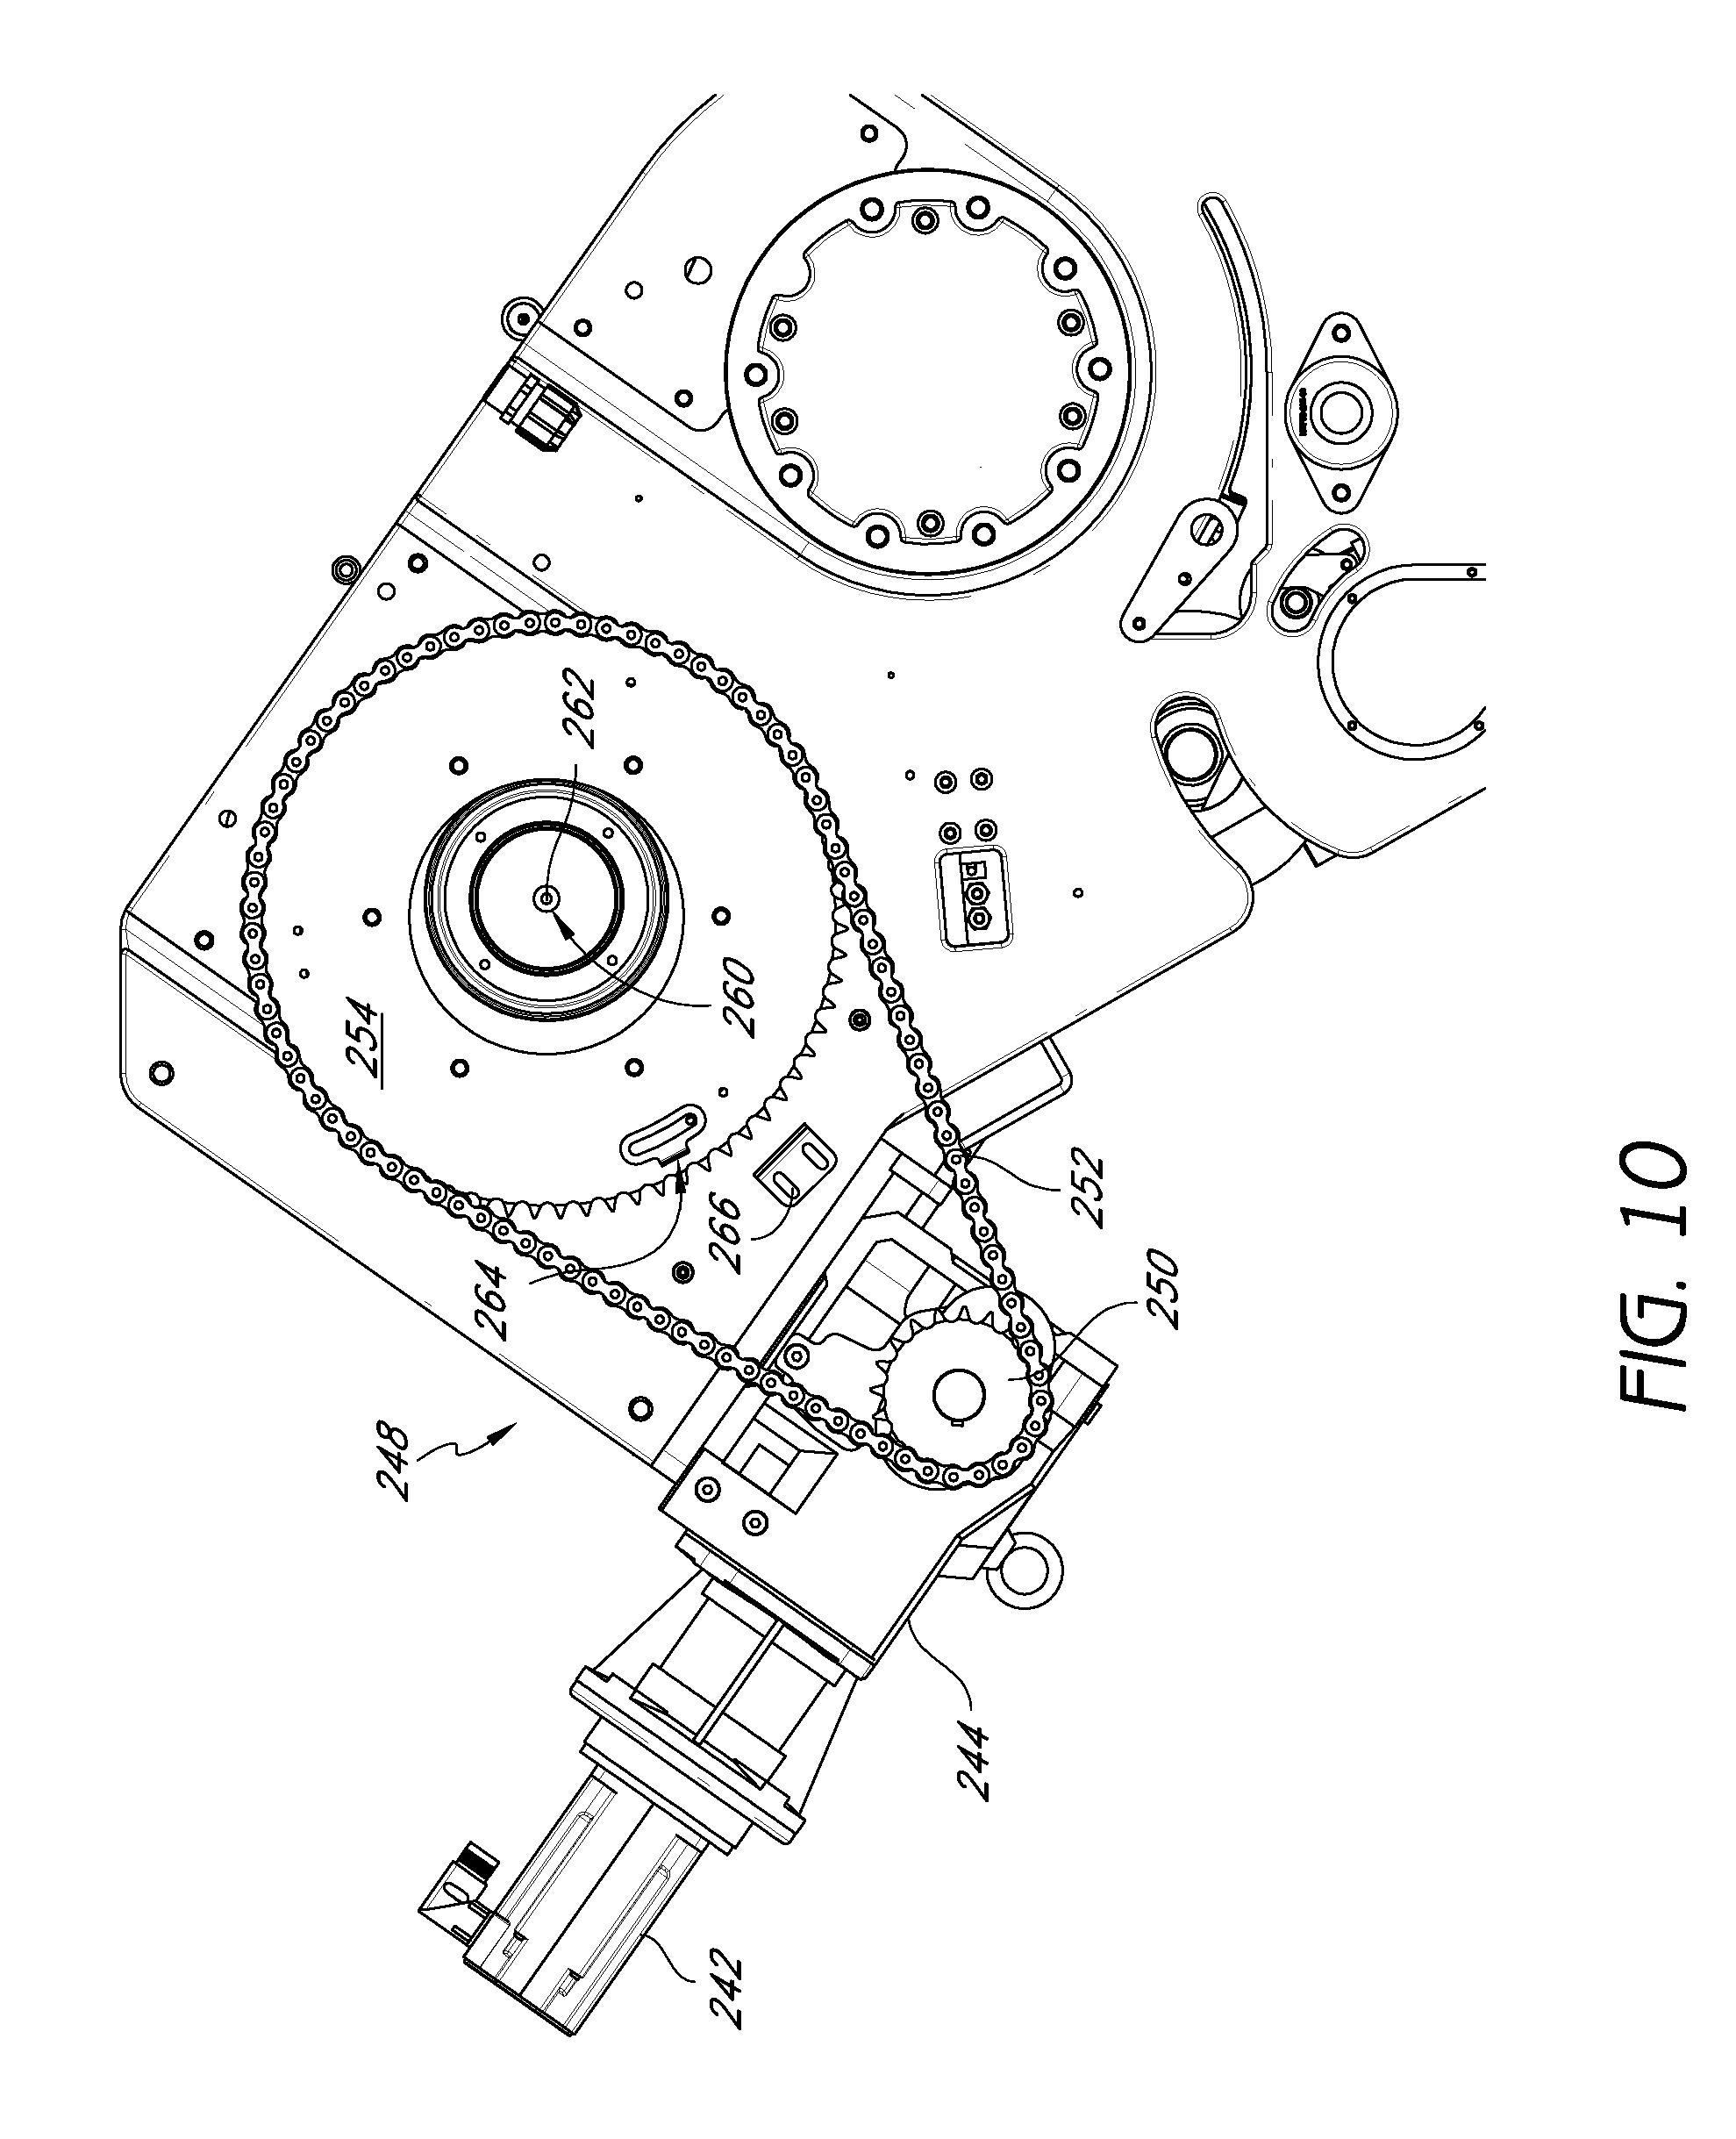 Atv Timberwolf 250 Wiring Diagram Peace 110Cc ATV Wiring